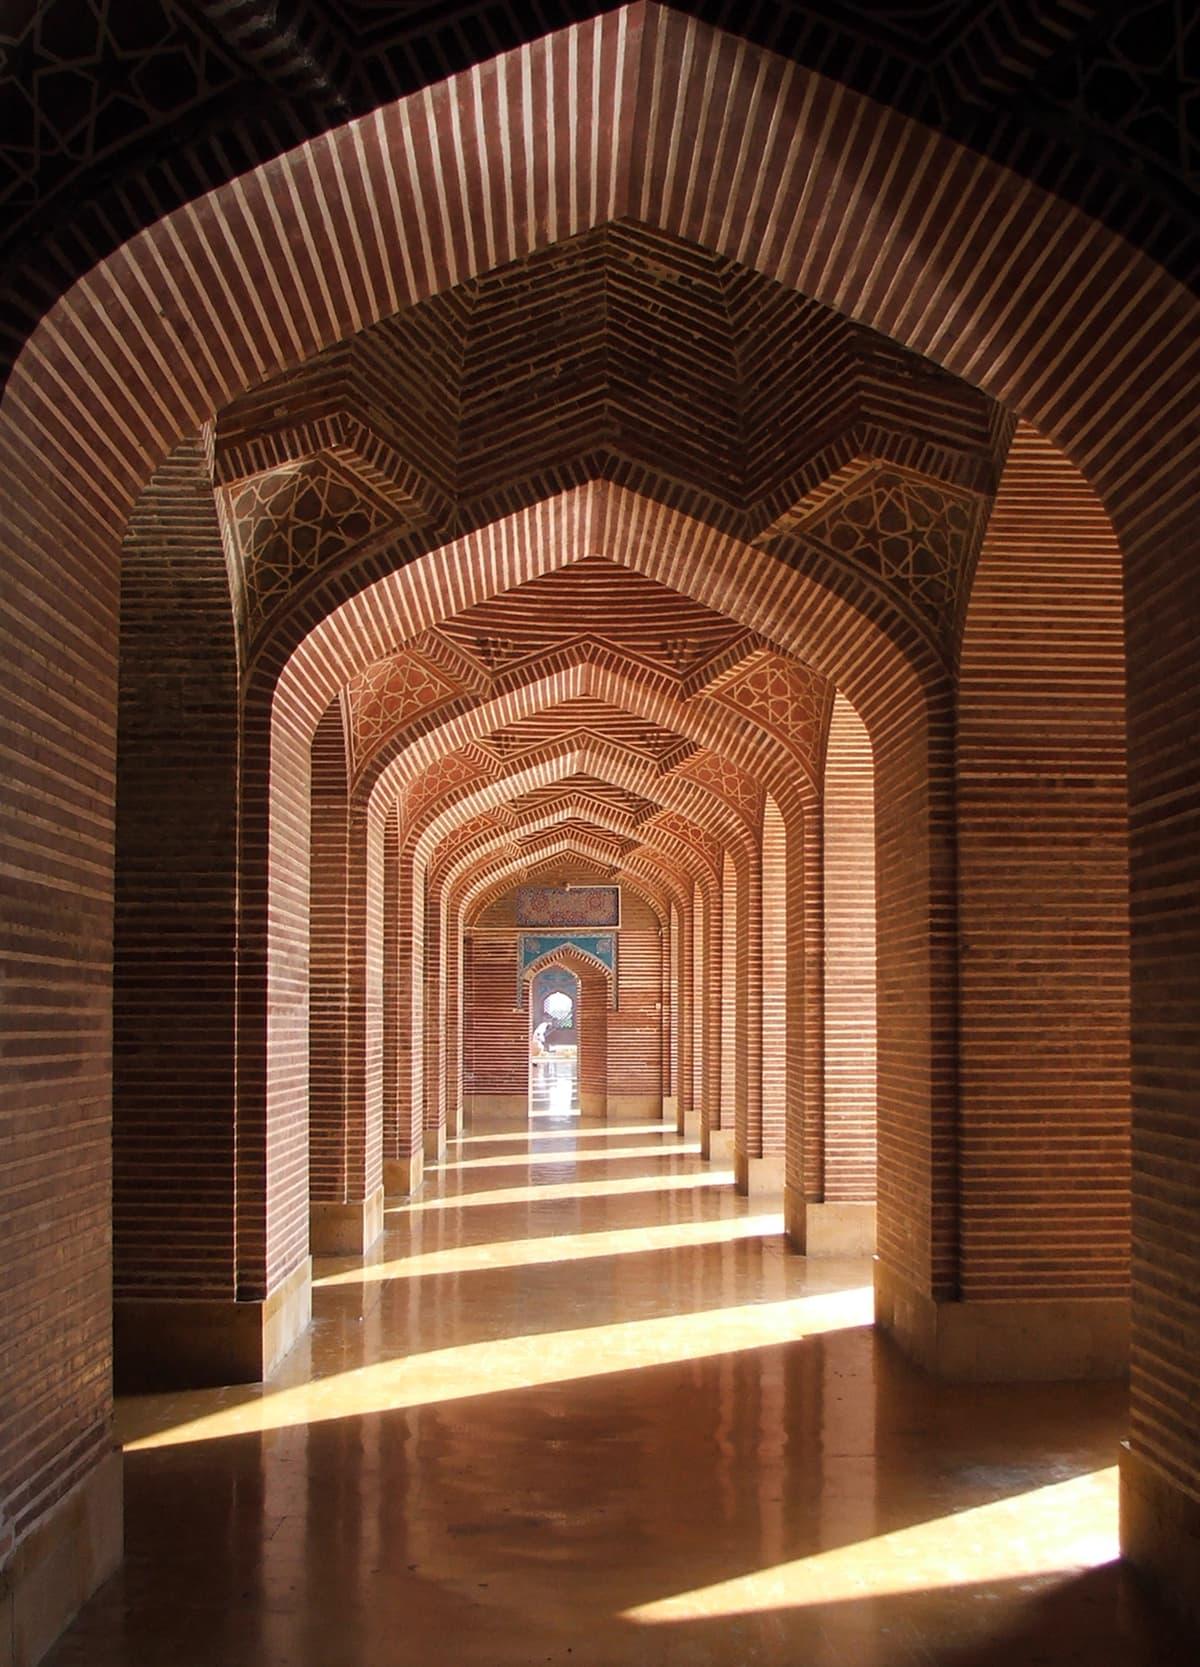 شاہجہانی مسجد، ٹھٹھہ کا اندرونی منظر۔— فوٹو عبیداللہ کیہر